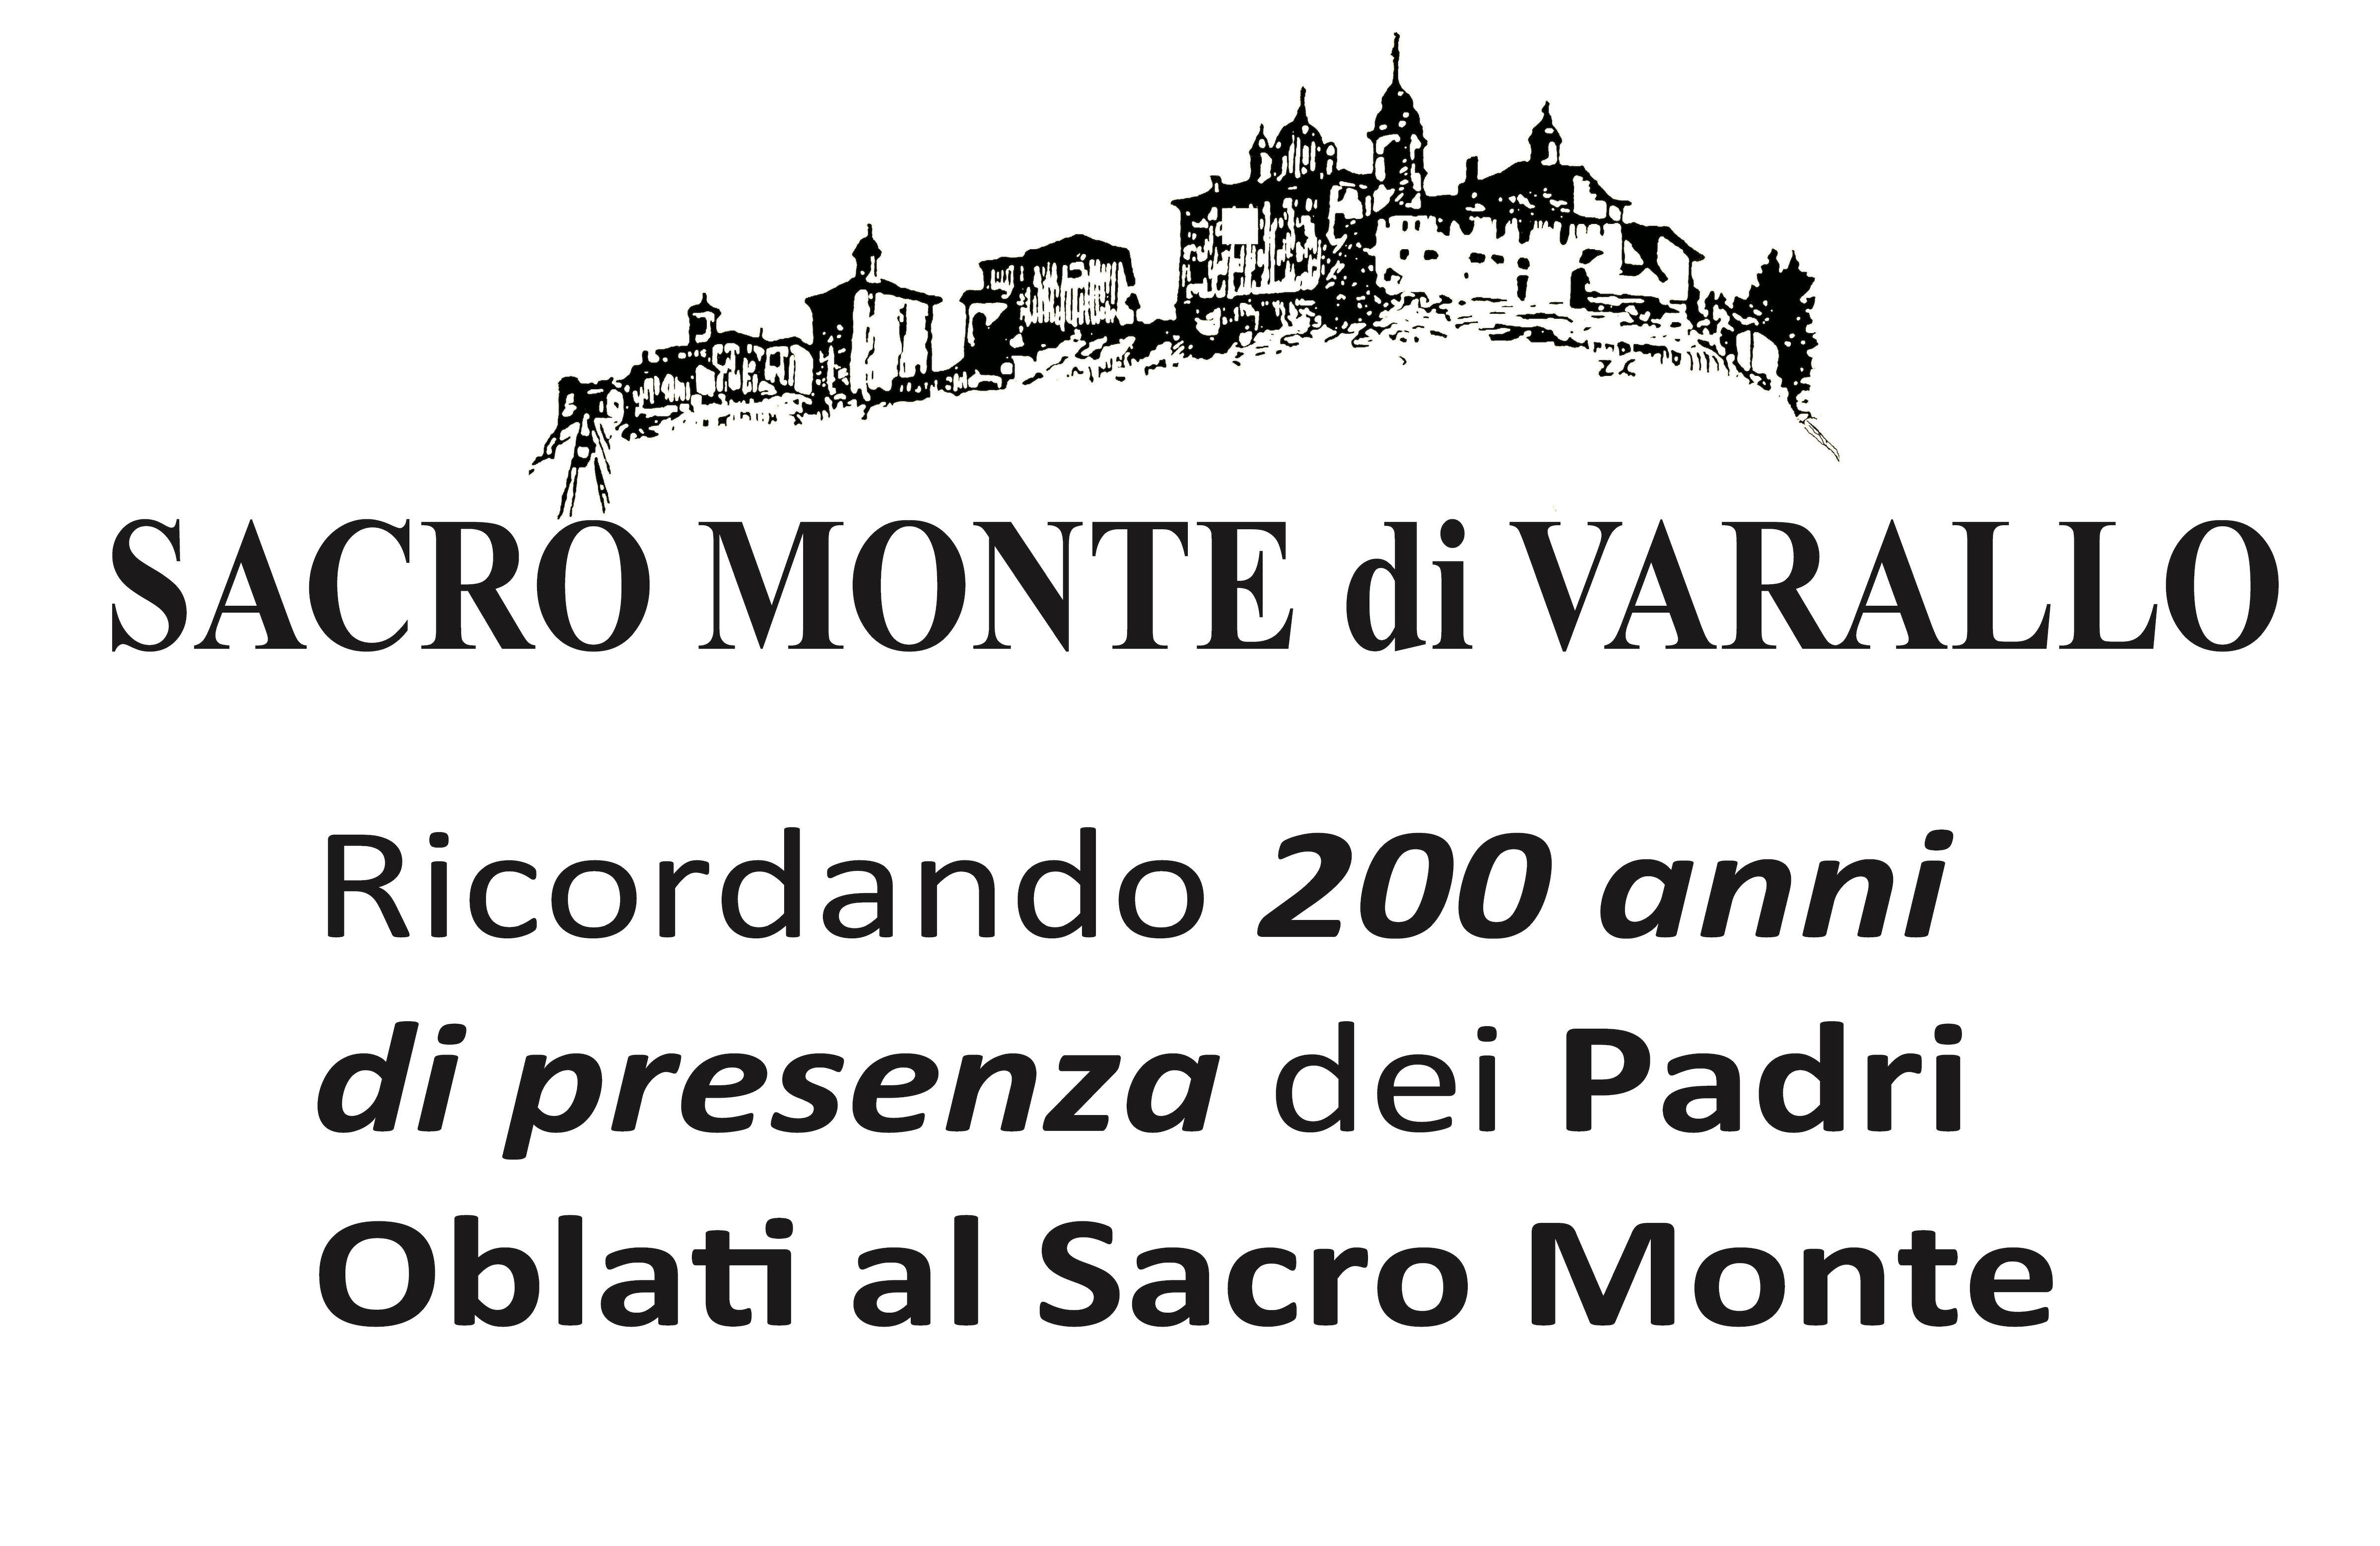 200 anni di presenza dei Padri Oblati al Sacro Monte!